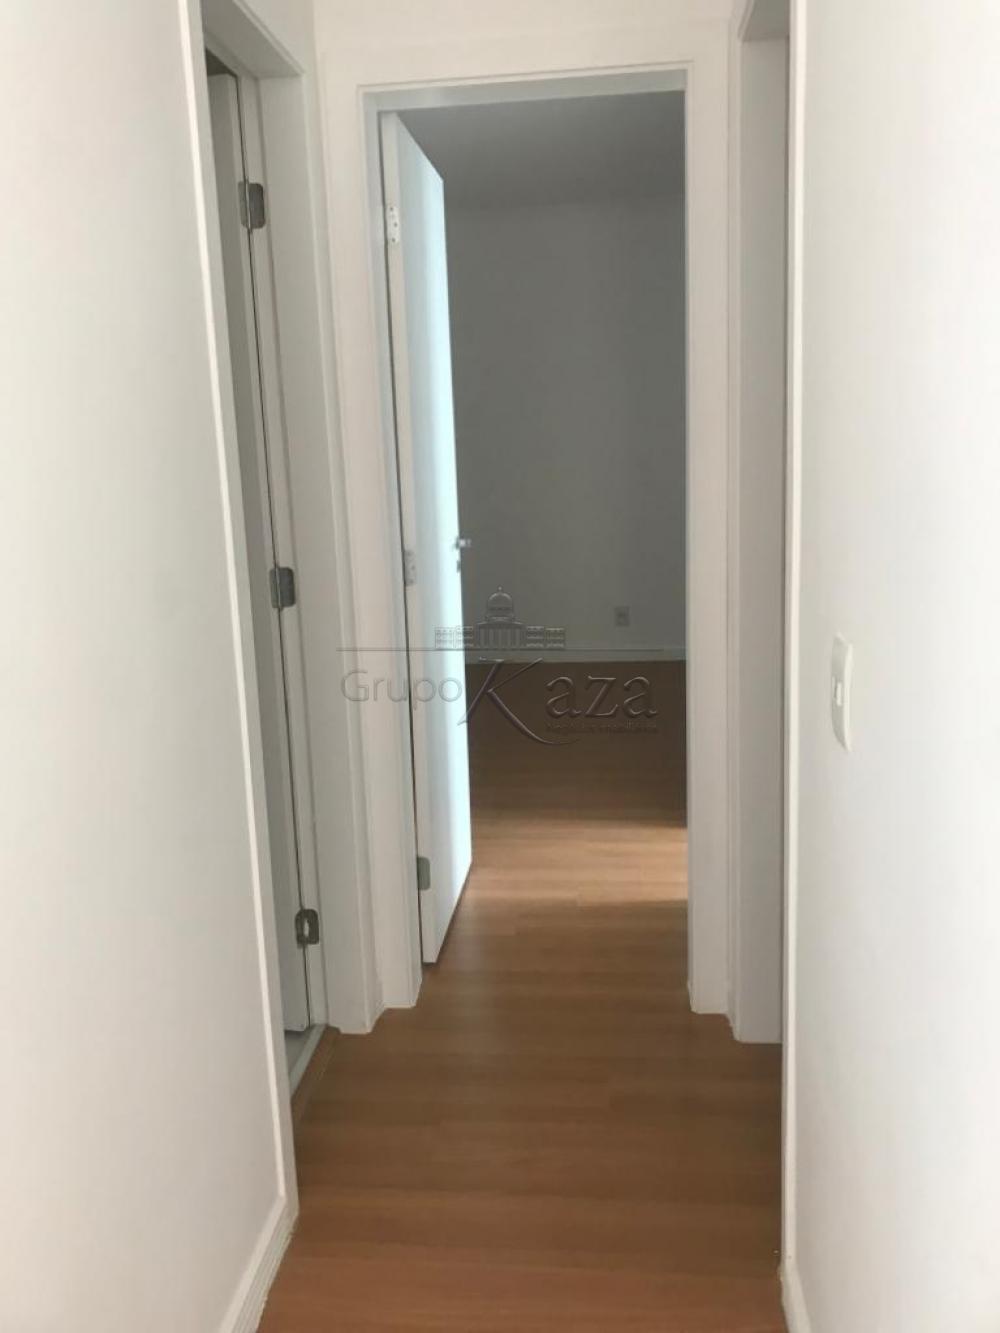 alt='Comprar Apartamento / Padrão em São José dos Campos R$ 350.000,00 - Foto 8' title='Comprar Apartamento / Padrão em São José dos Campos R$ 350.000,00 - Foto 8'